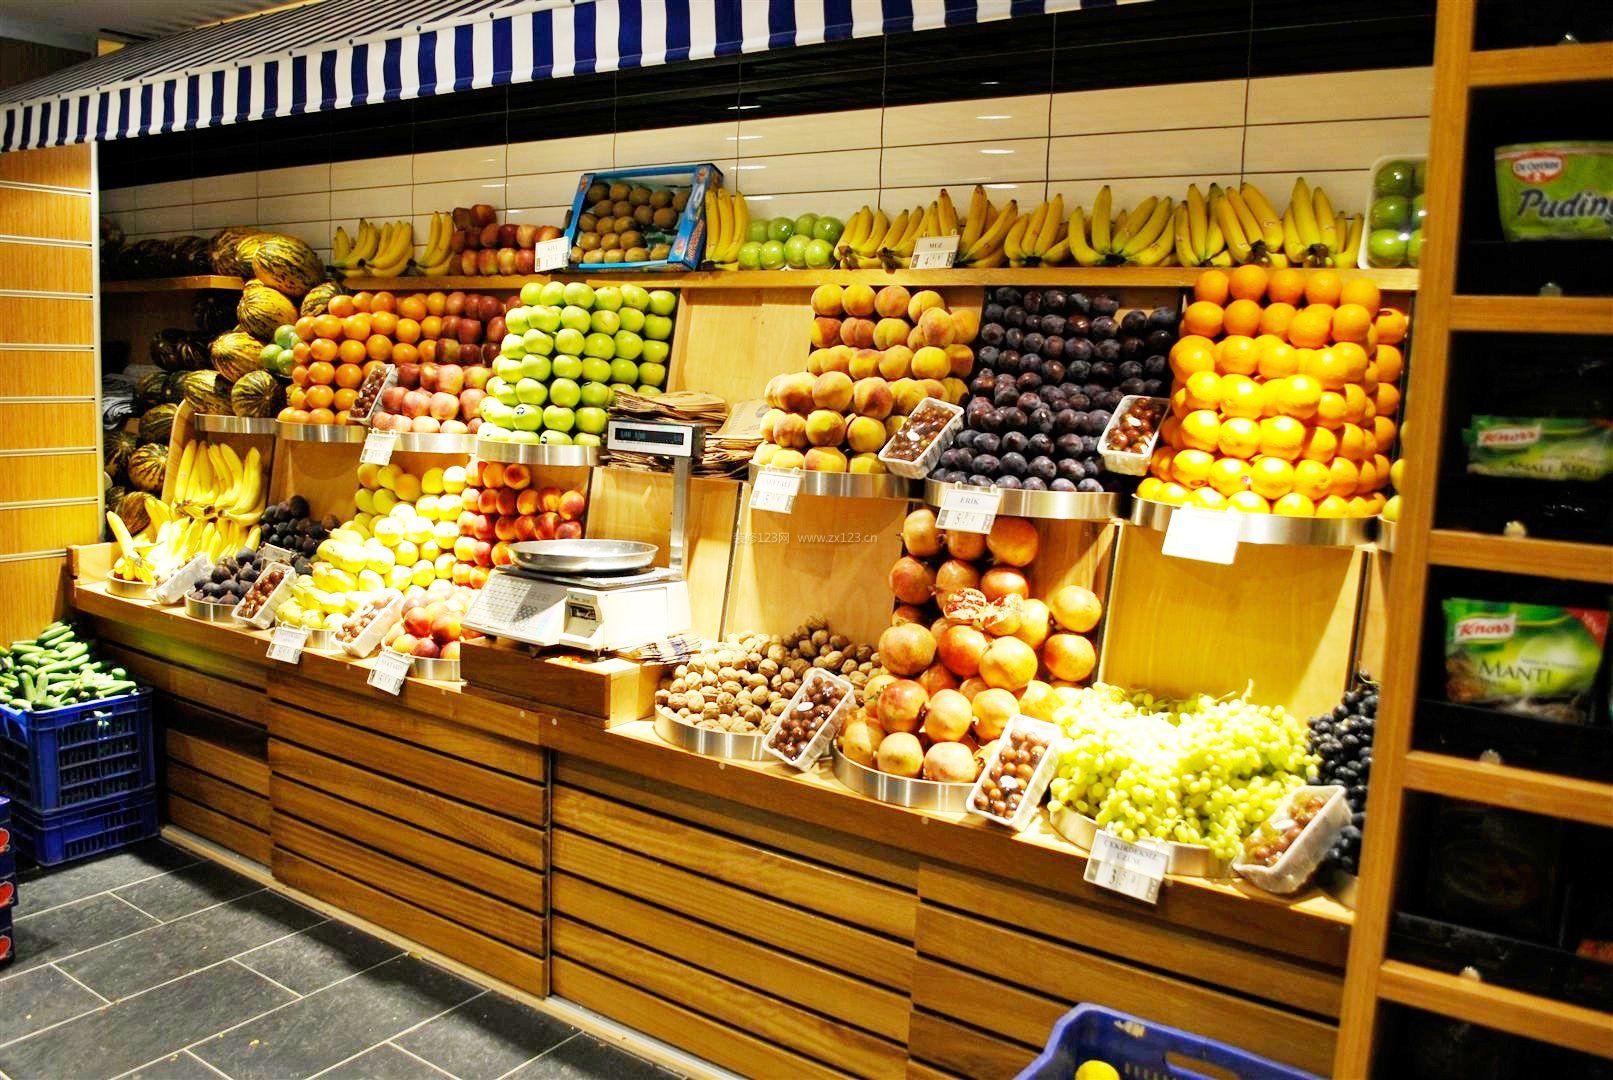 首页 供应信息 生活服务 装修装饰 > 重庆专业水果店设计装修